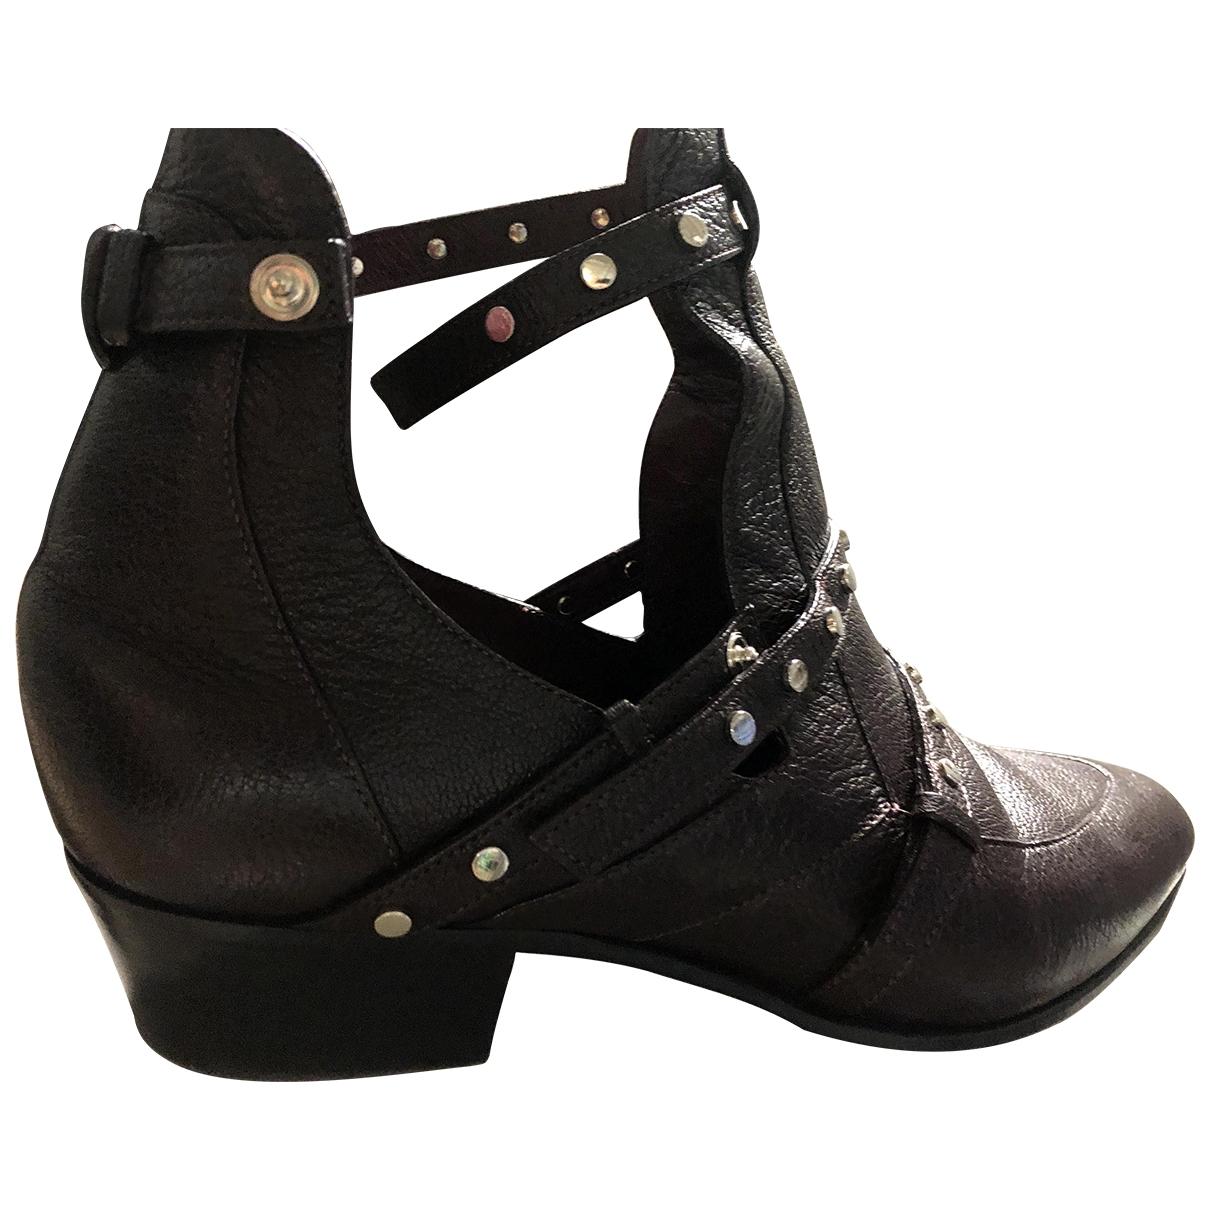 Jimmy Choo - Boots   pour femme en cuir - bordeaux